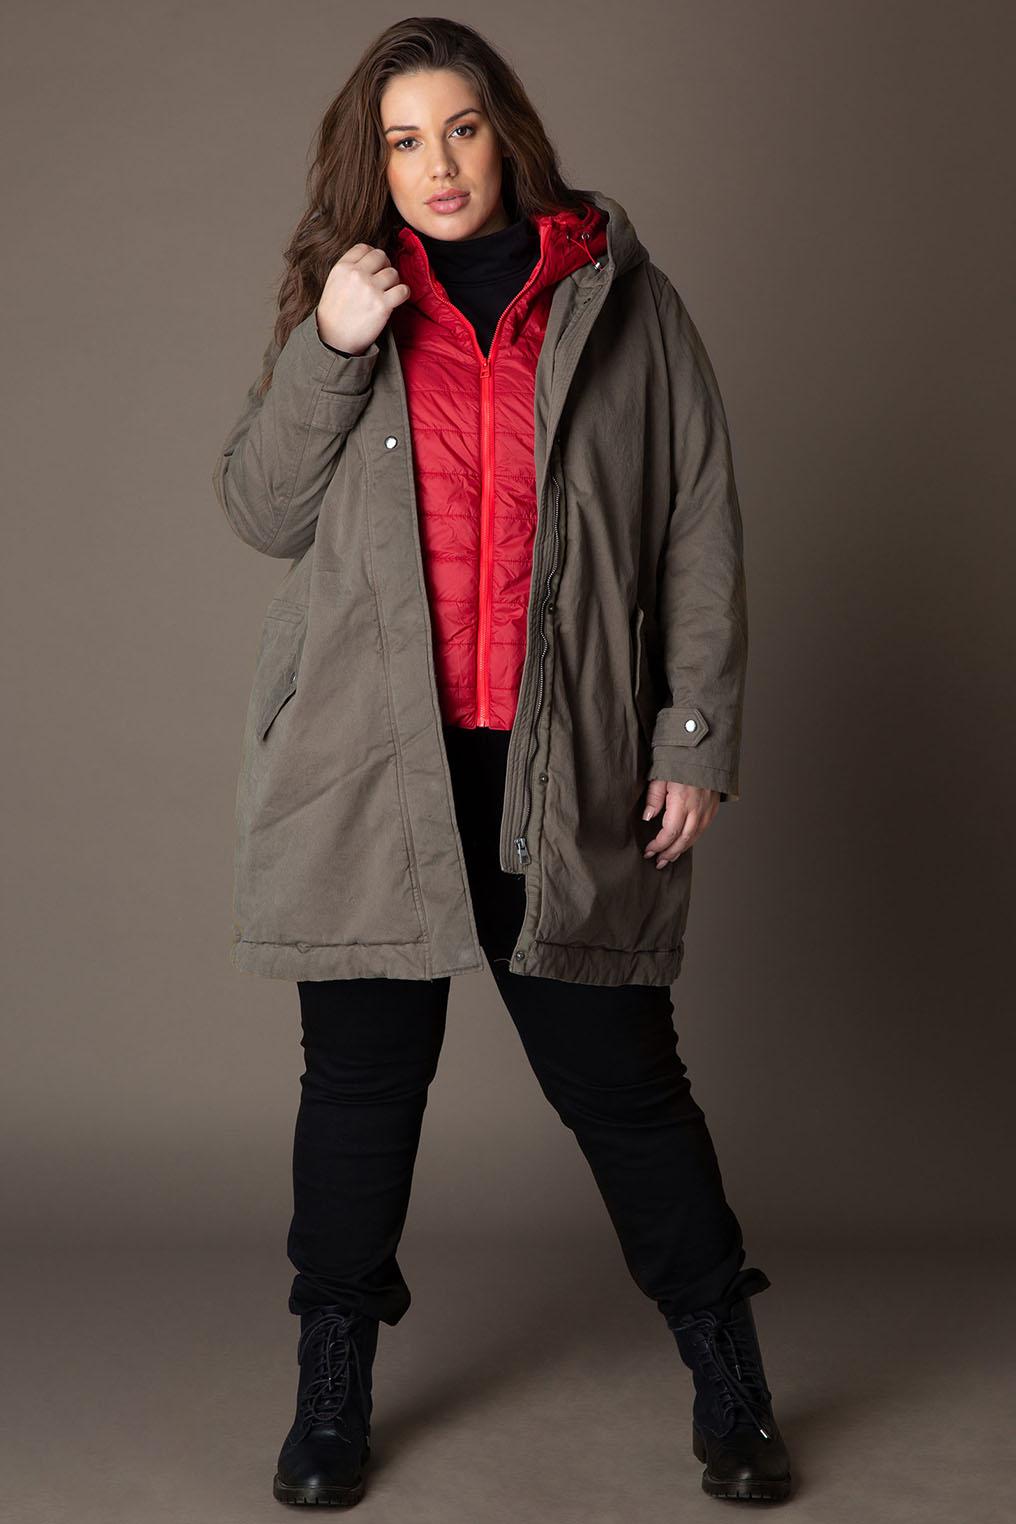 Jas Winter Outerwear Yesta 95 cm